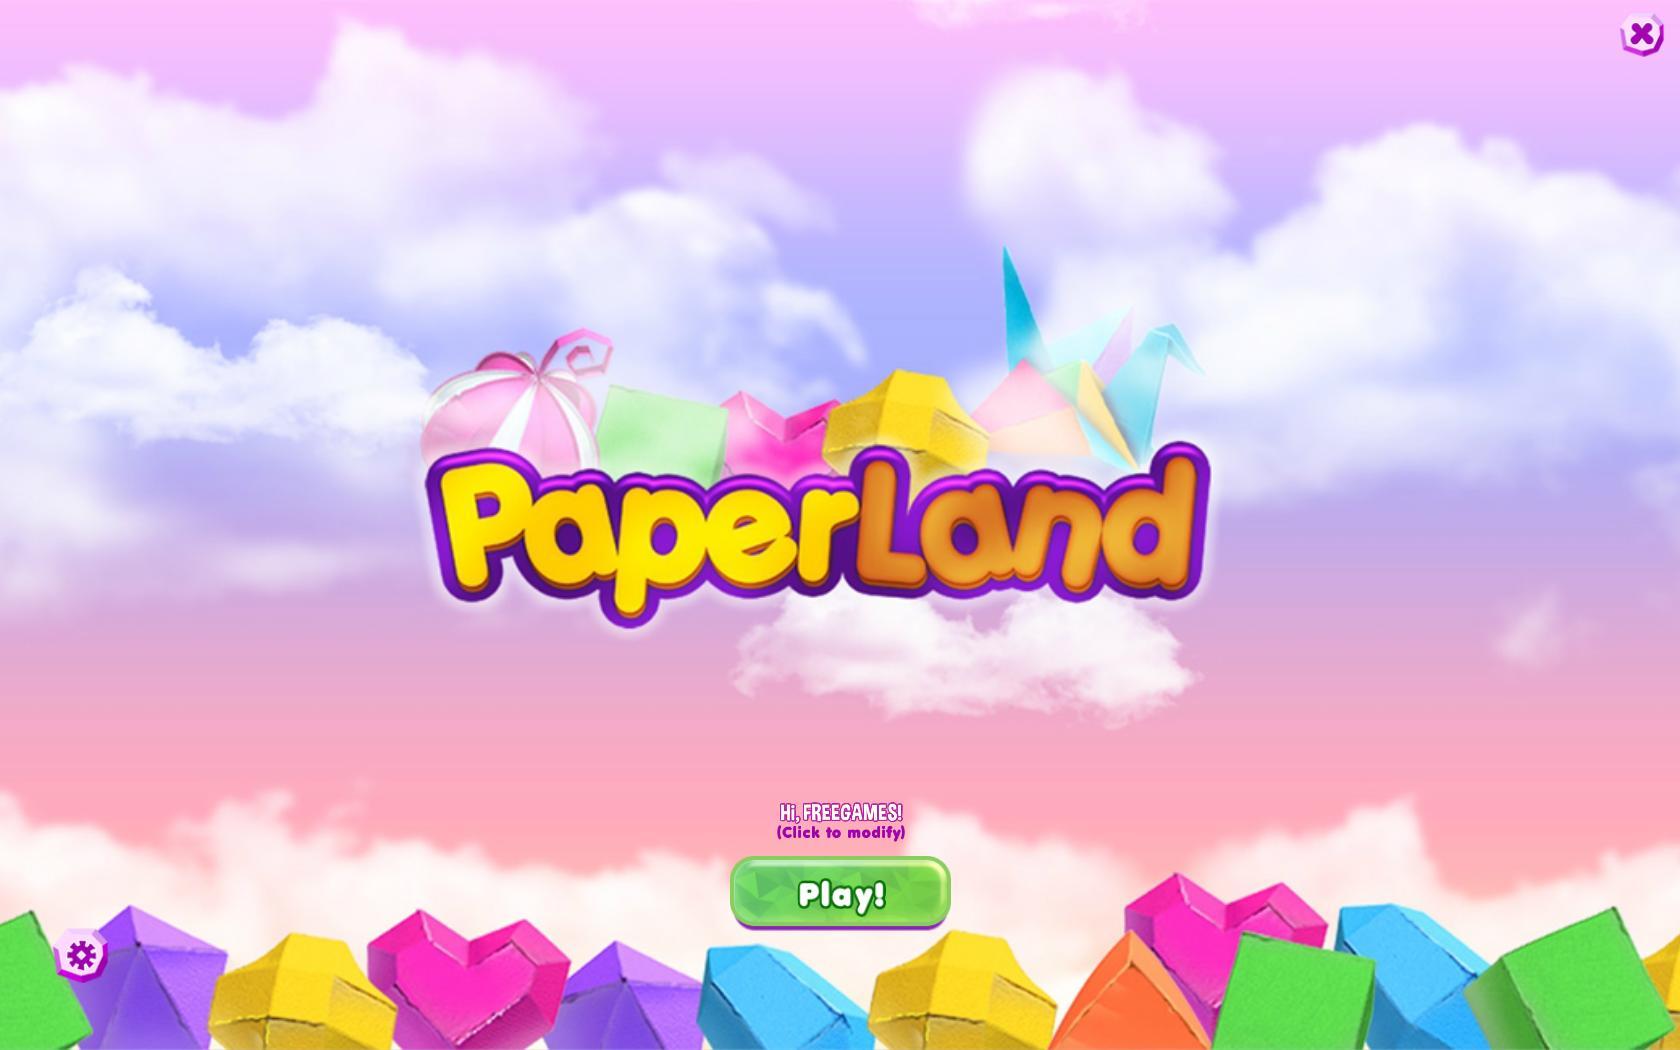 Бумажная страна | Paper Land (En)